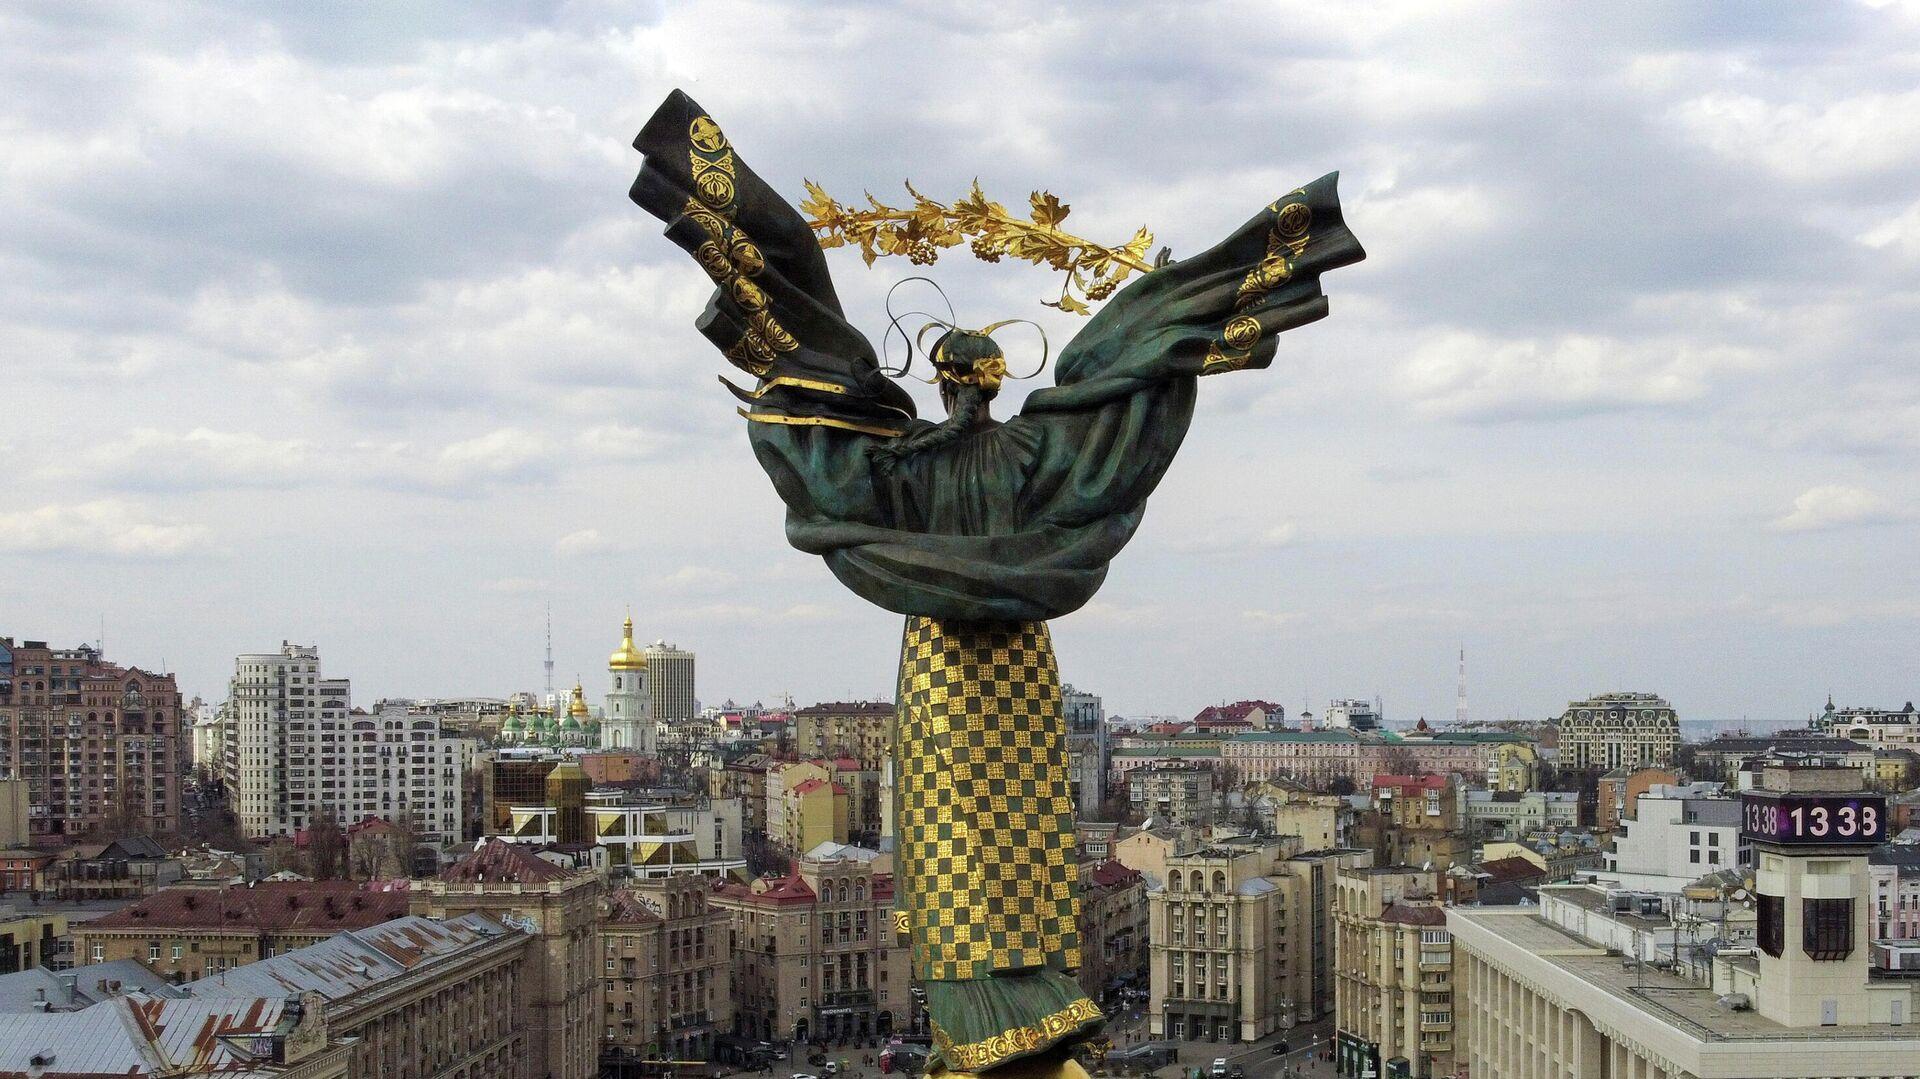 Монумент Независимости в Киеве - РИА Новости, 1920, 31.07.2021